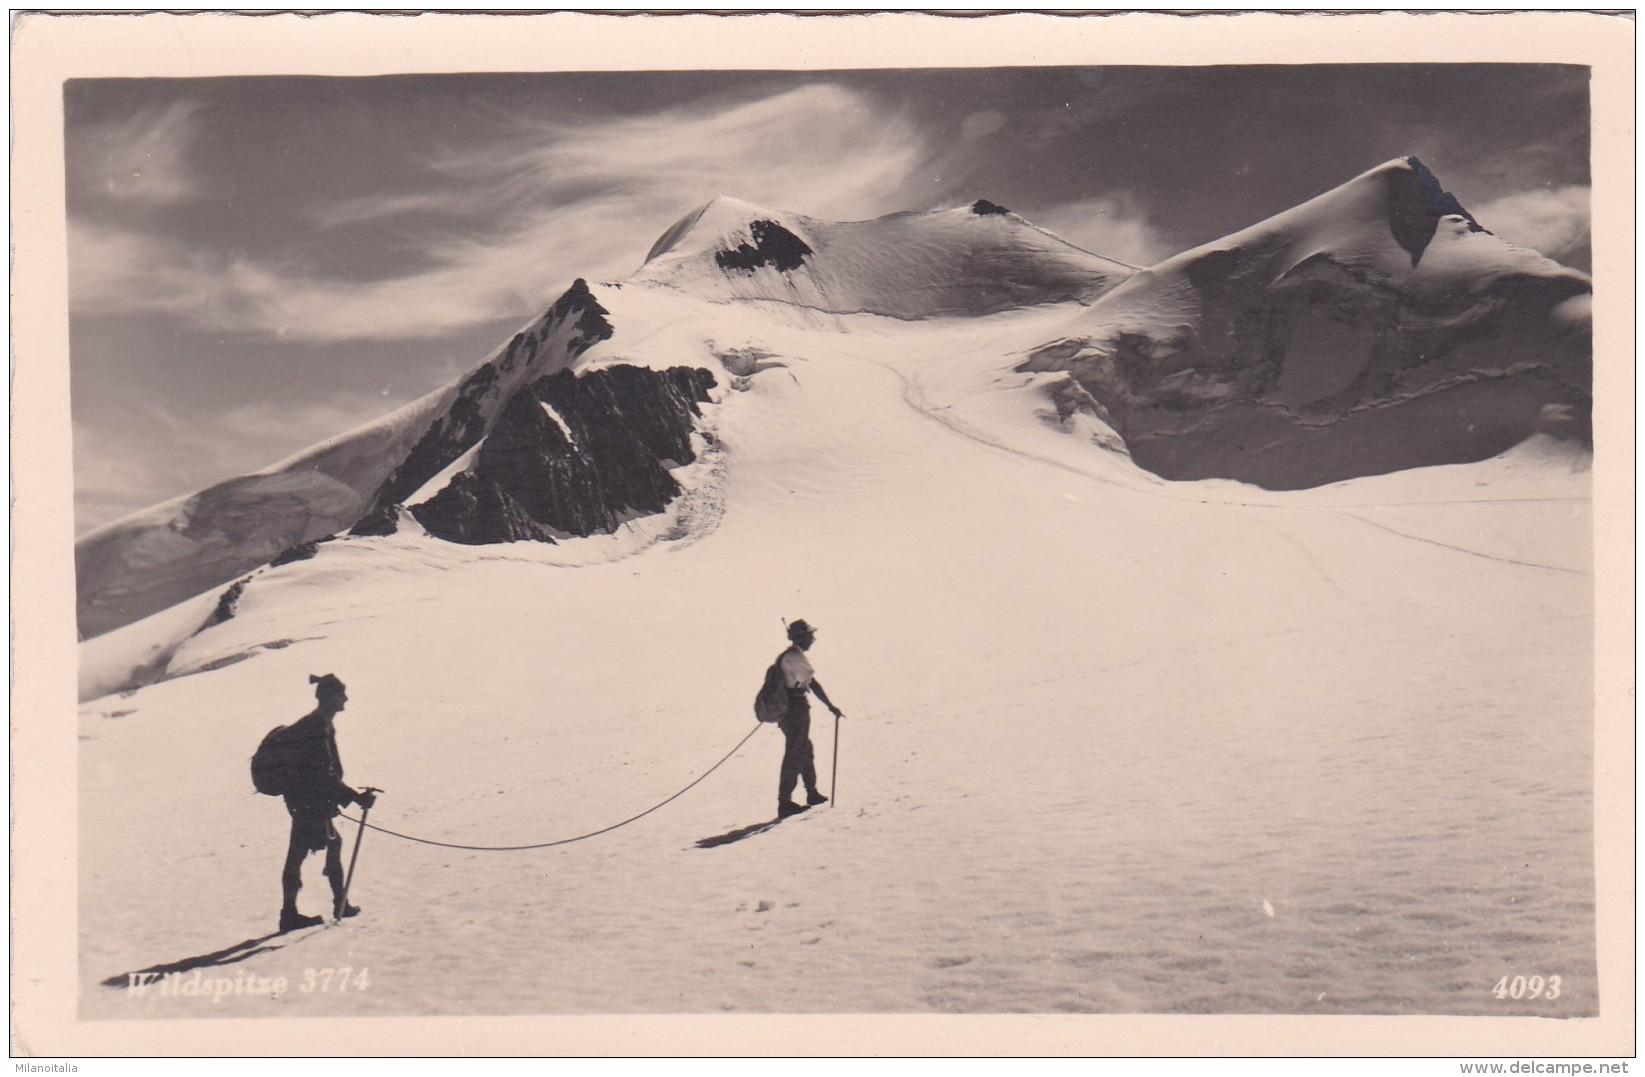 Wildspitze 3774 M (4093) - Sölden